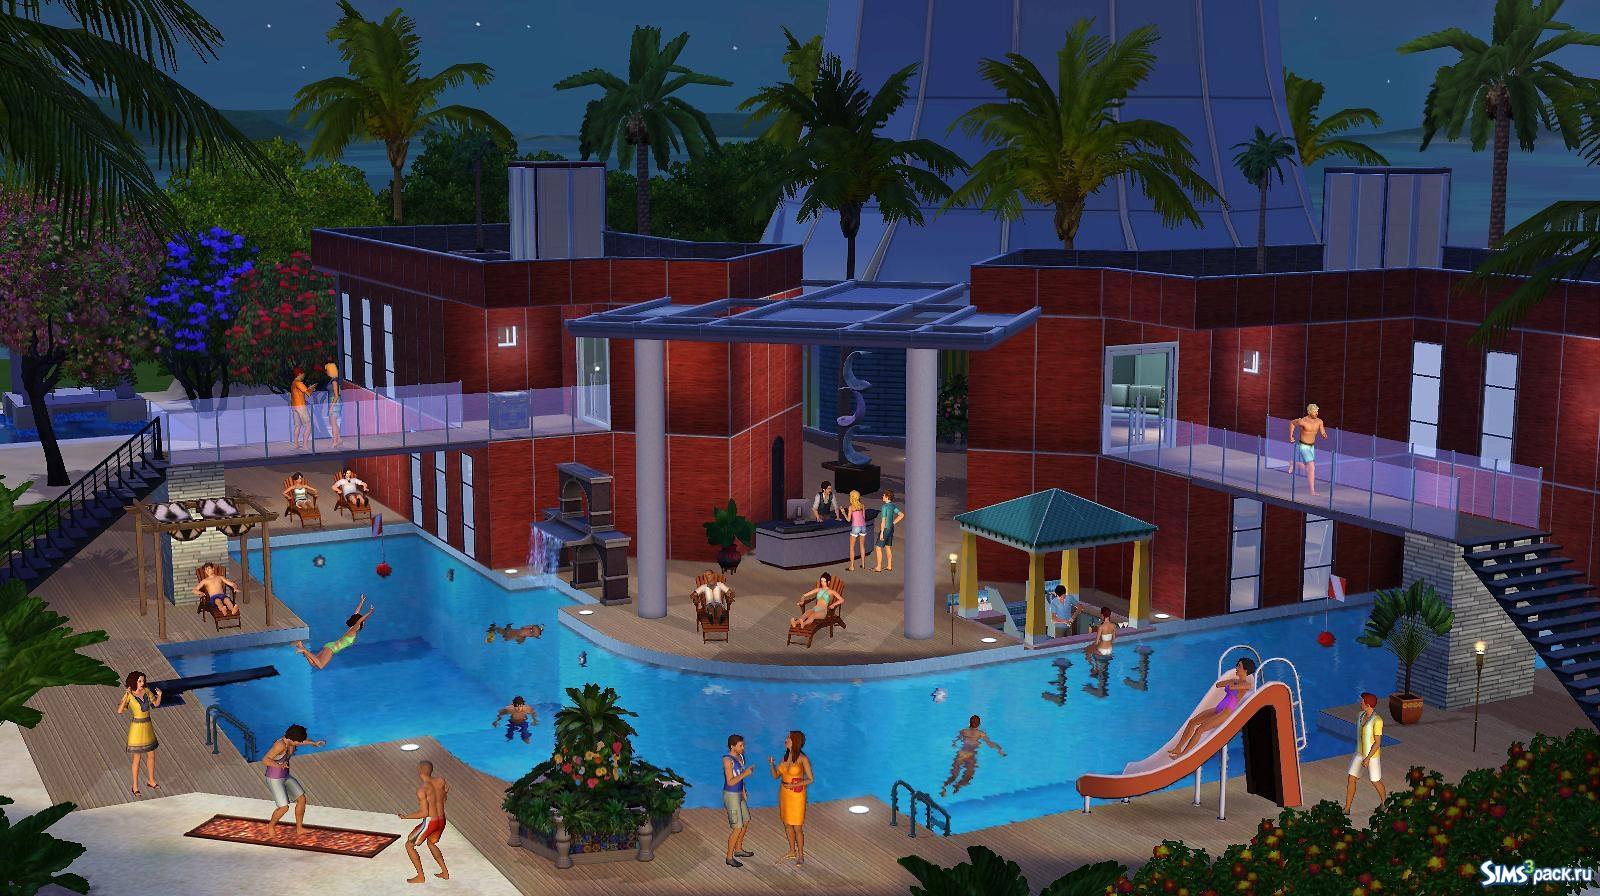 Для игры симс 3 райские острова скачать торрент бесплатно на пк.